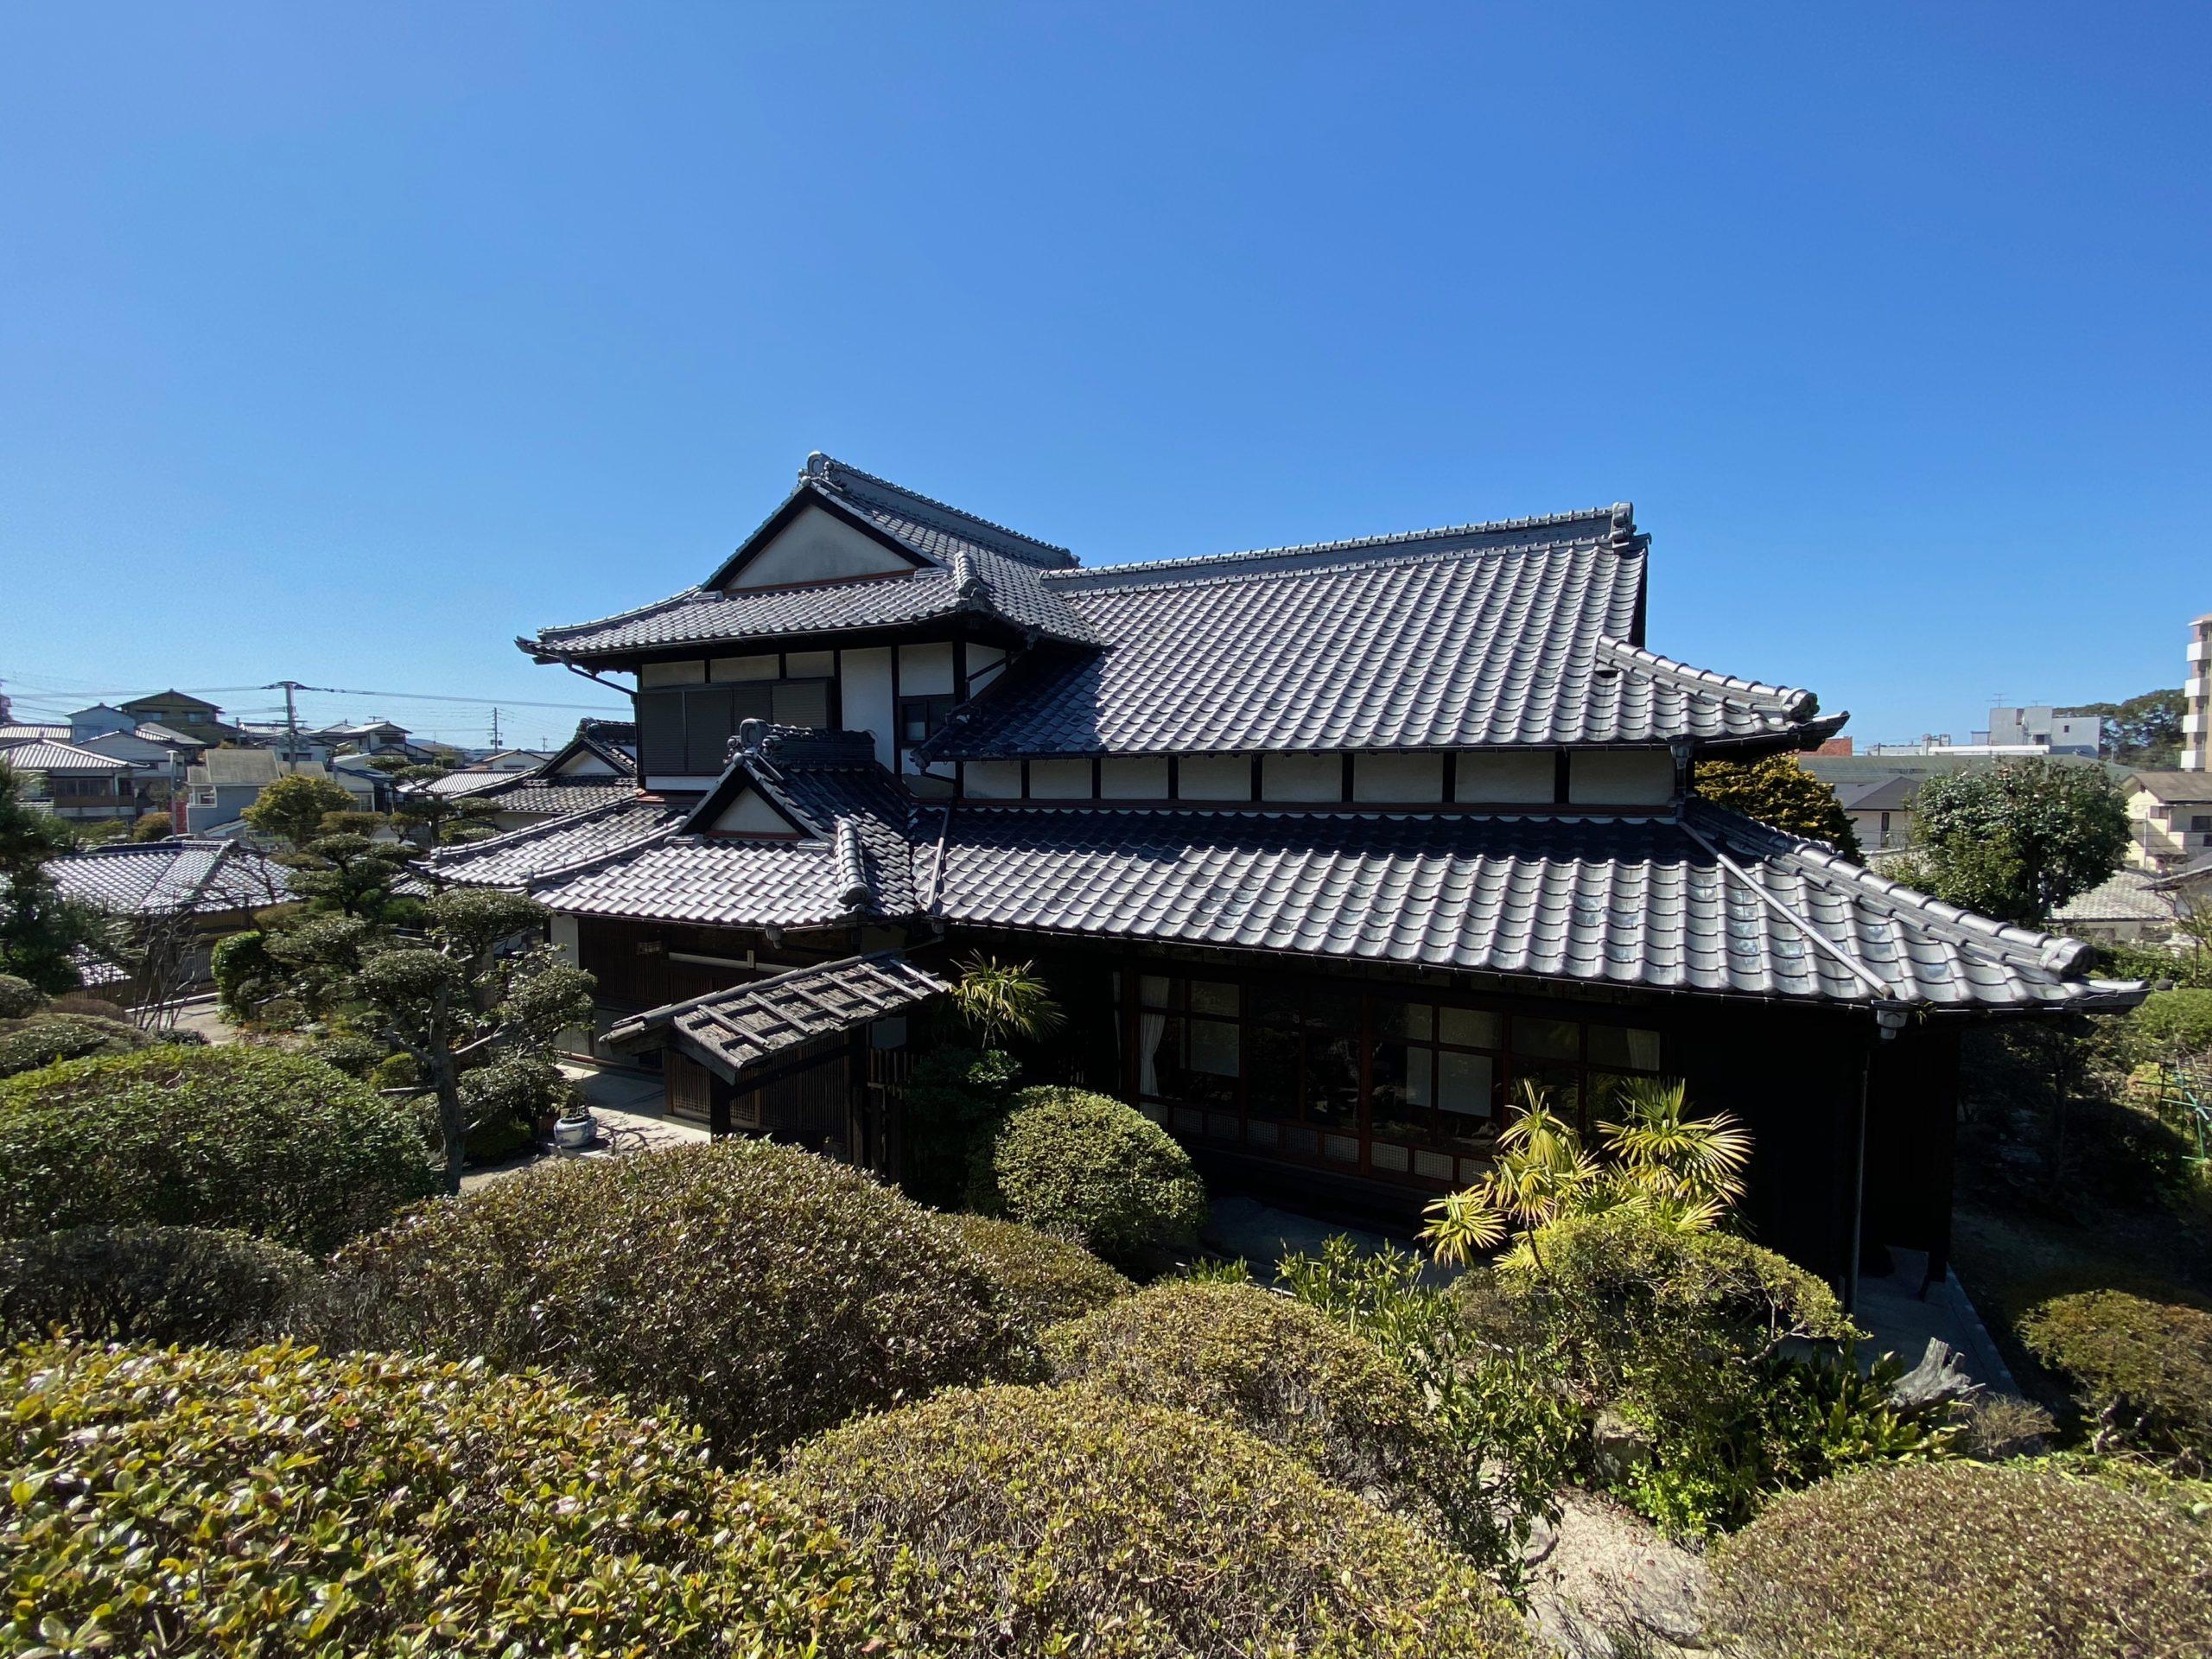 小高い丘に佇む古民家邸宅